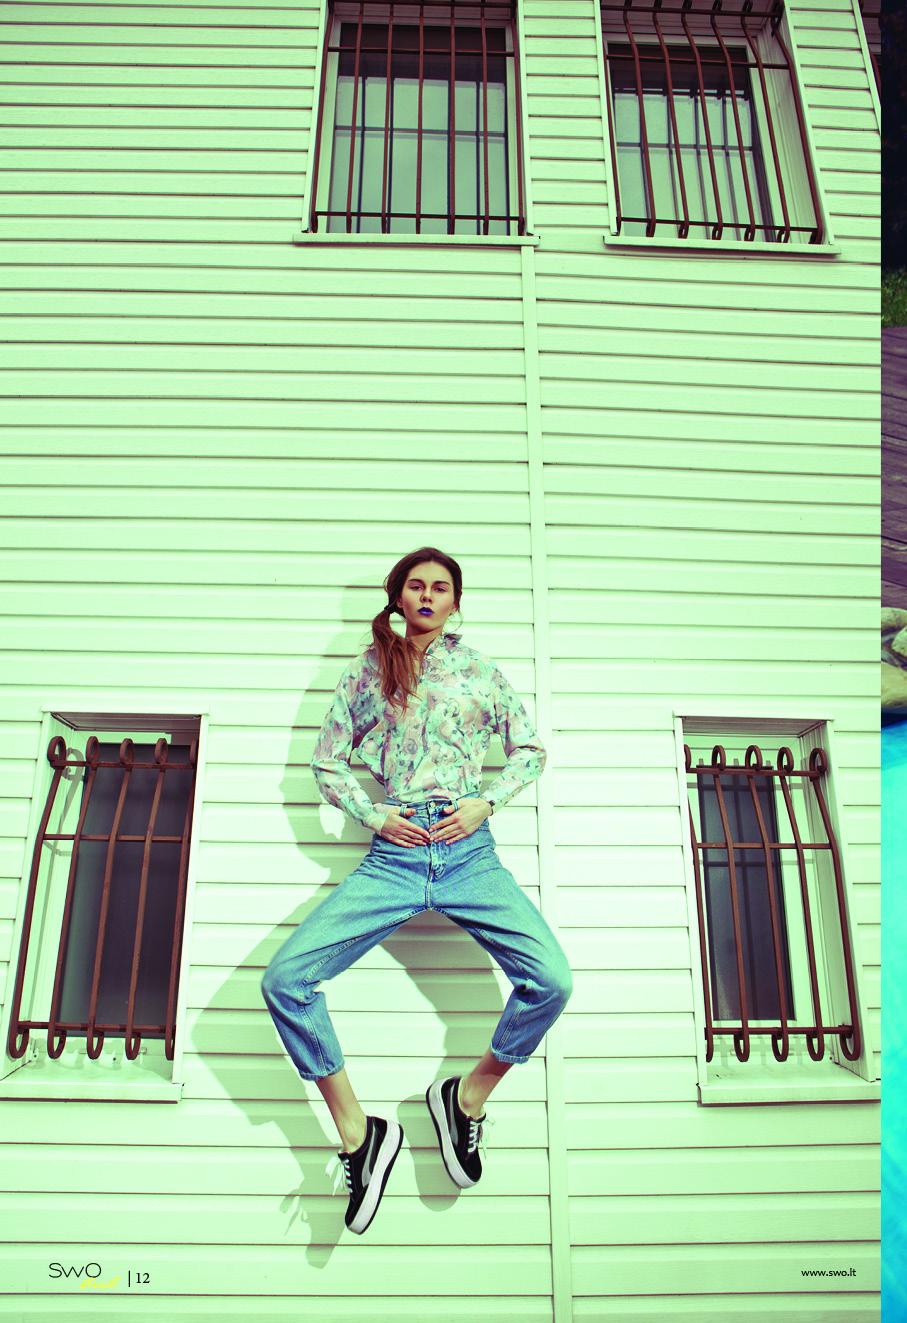 SwO street Nr.3 viršelio fotosesija